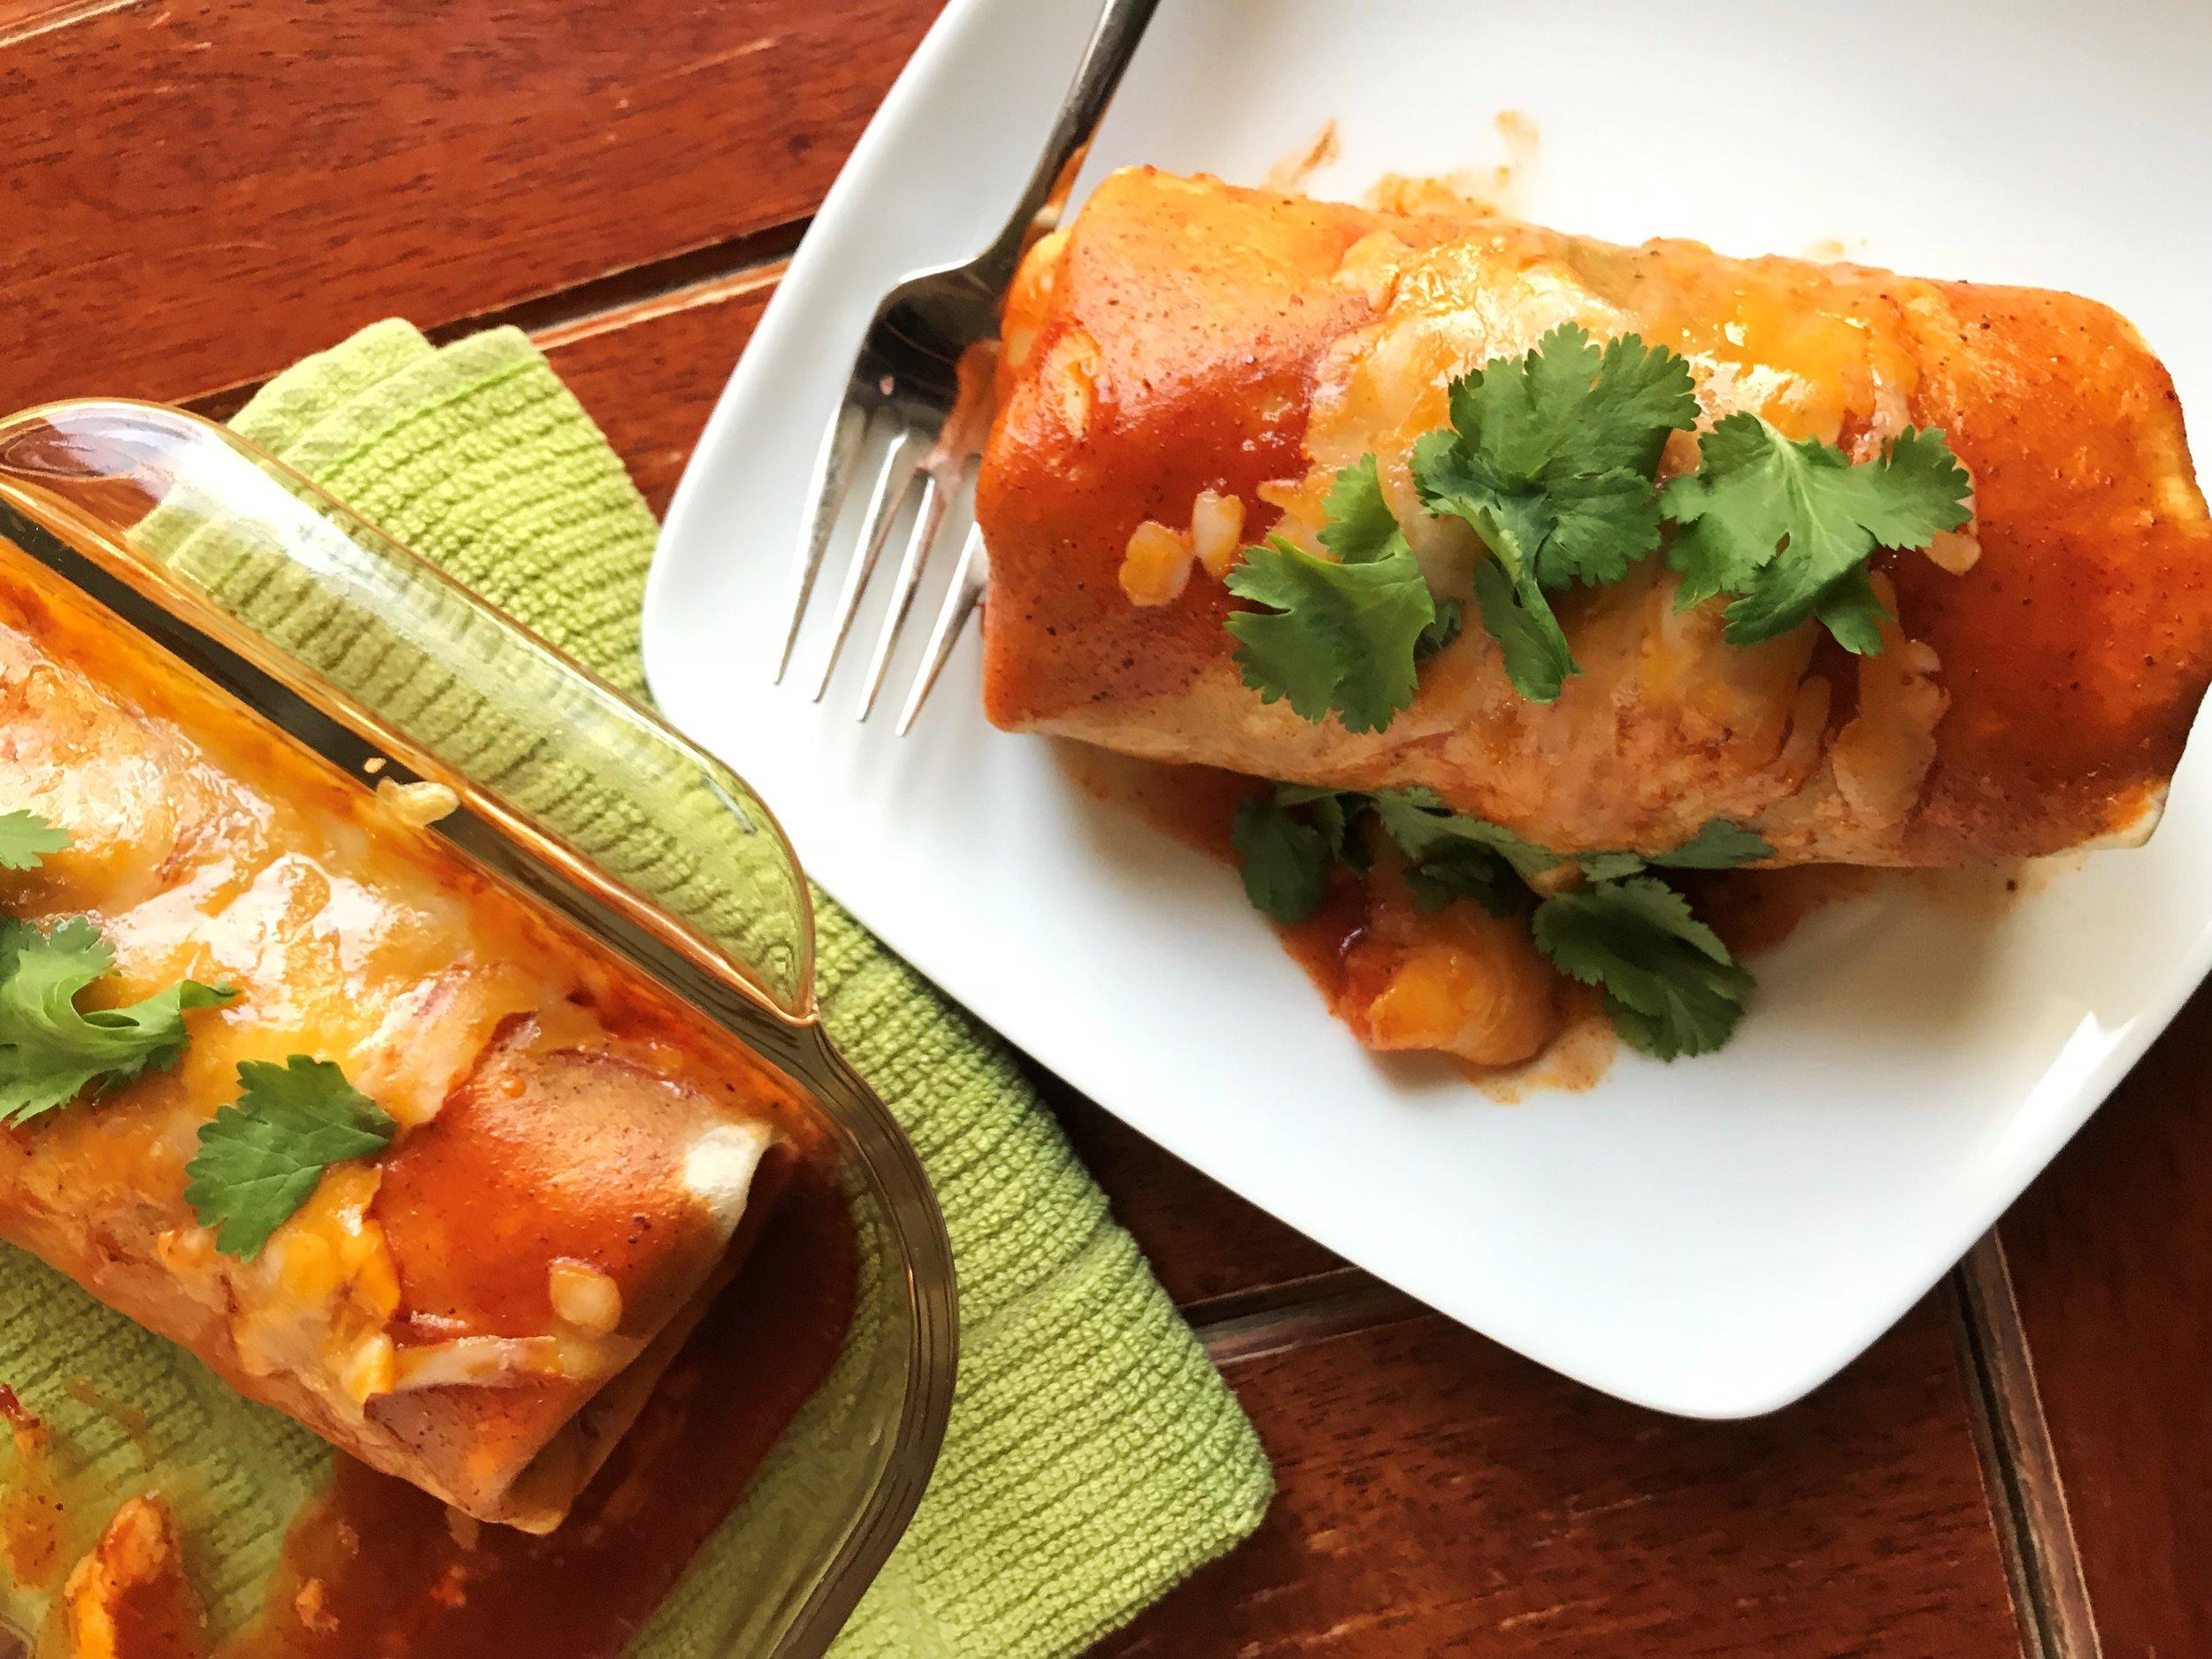 Enchilada-Style Chicken Burritos made in the Adventure Kitchen.